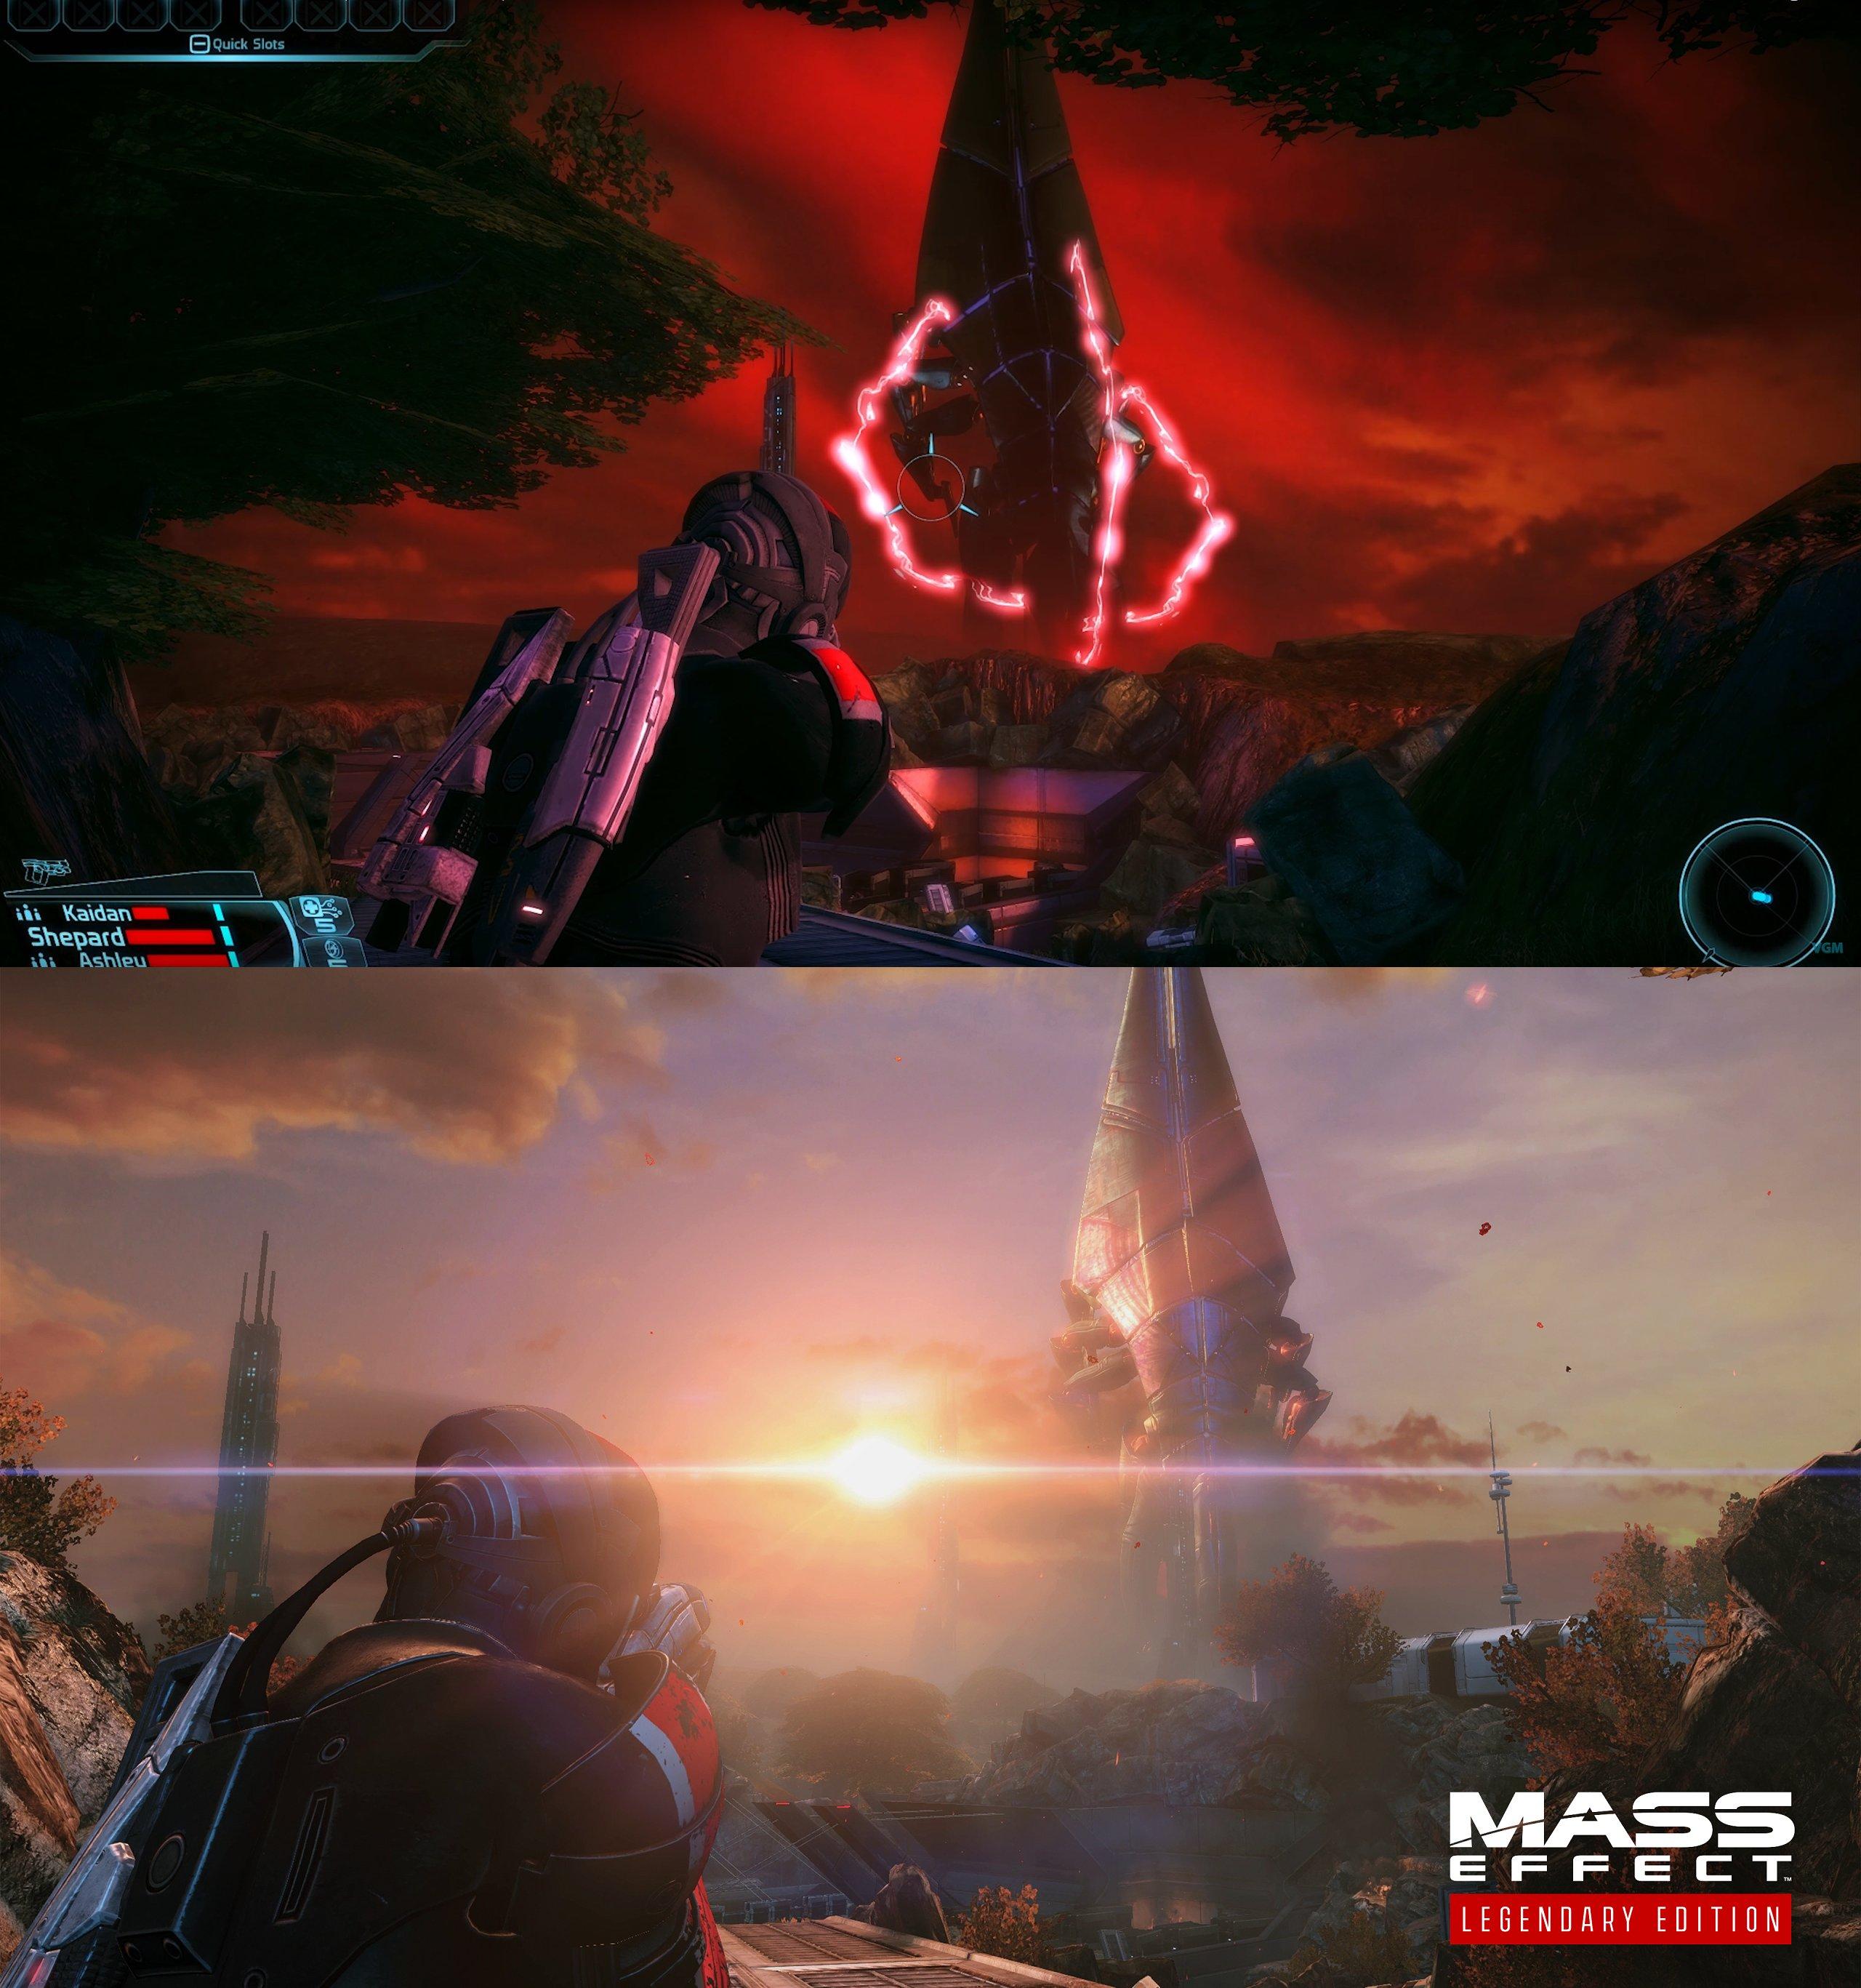 Porovnanie vizuálu pôvodnej a remastrovanej hry